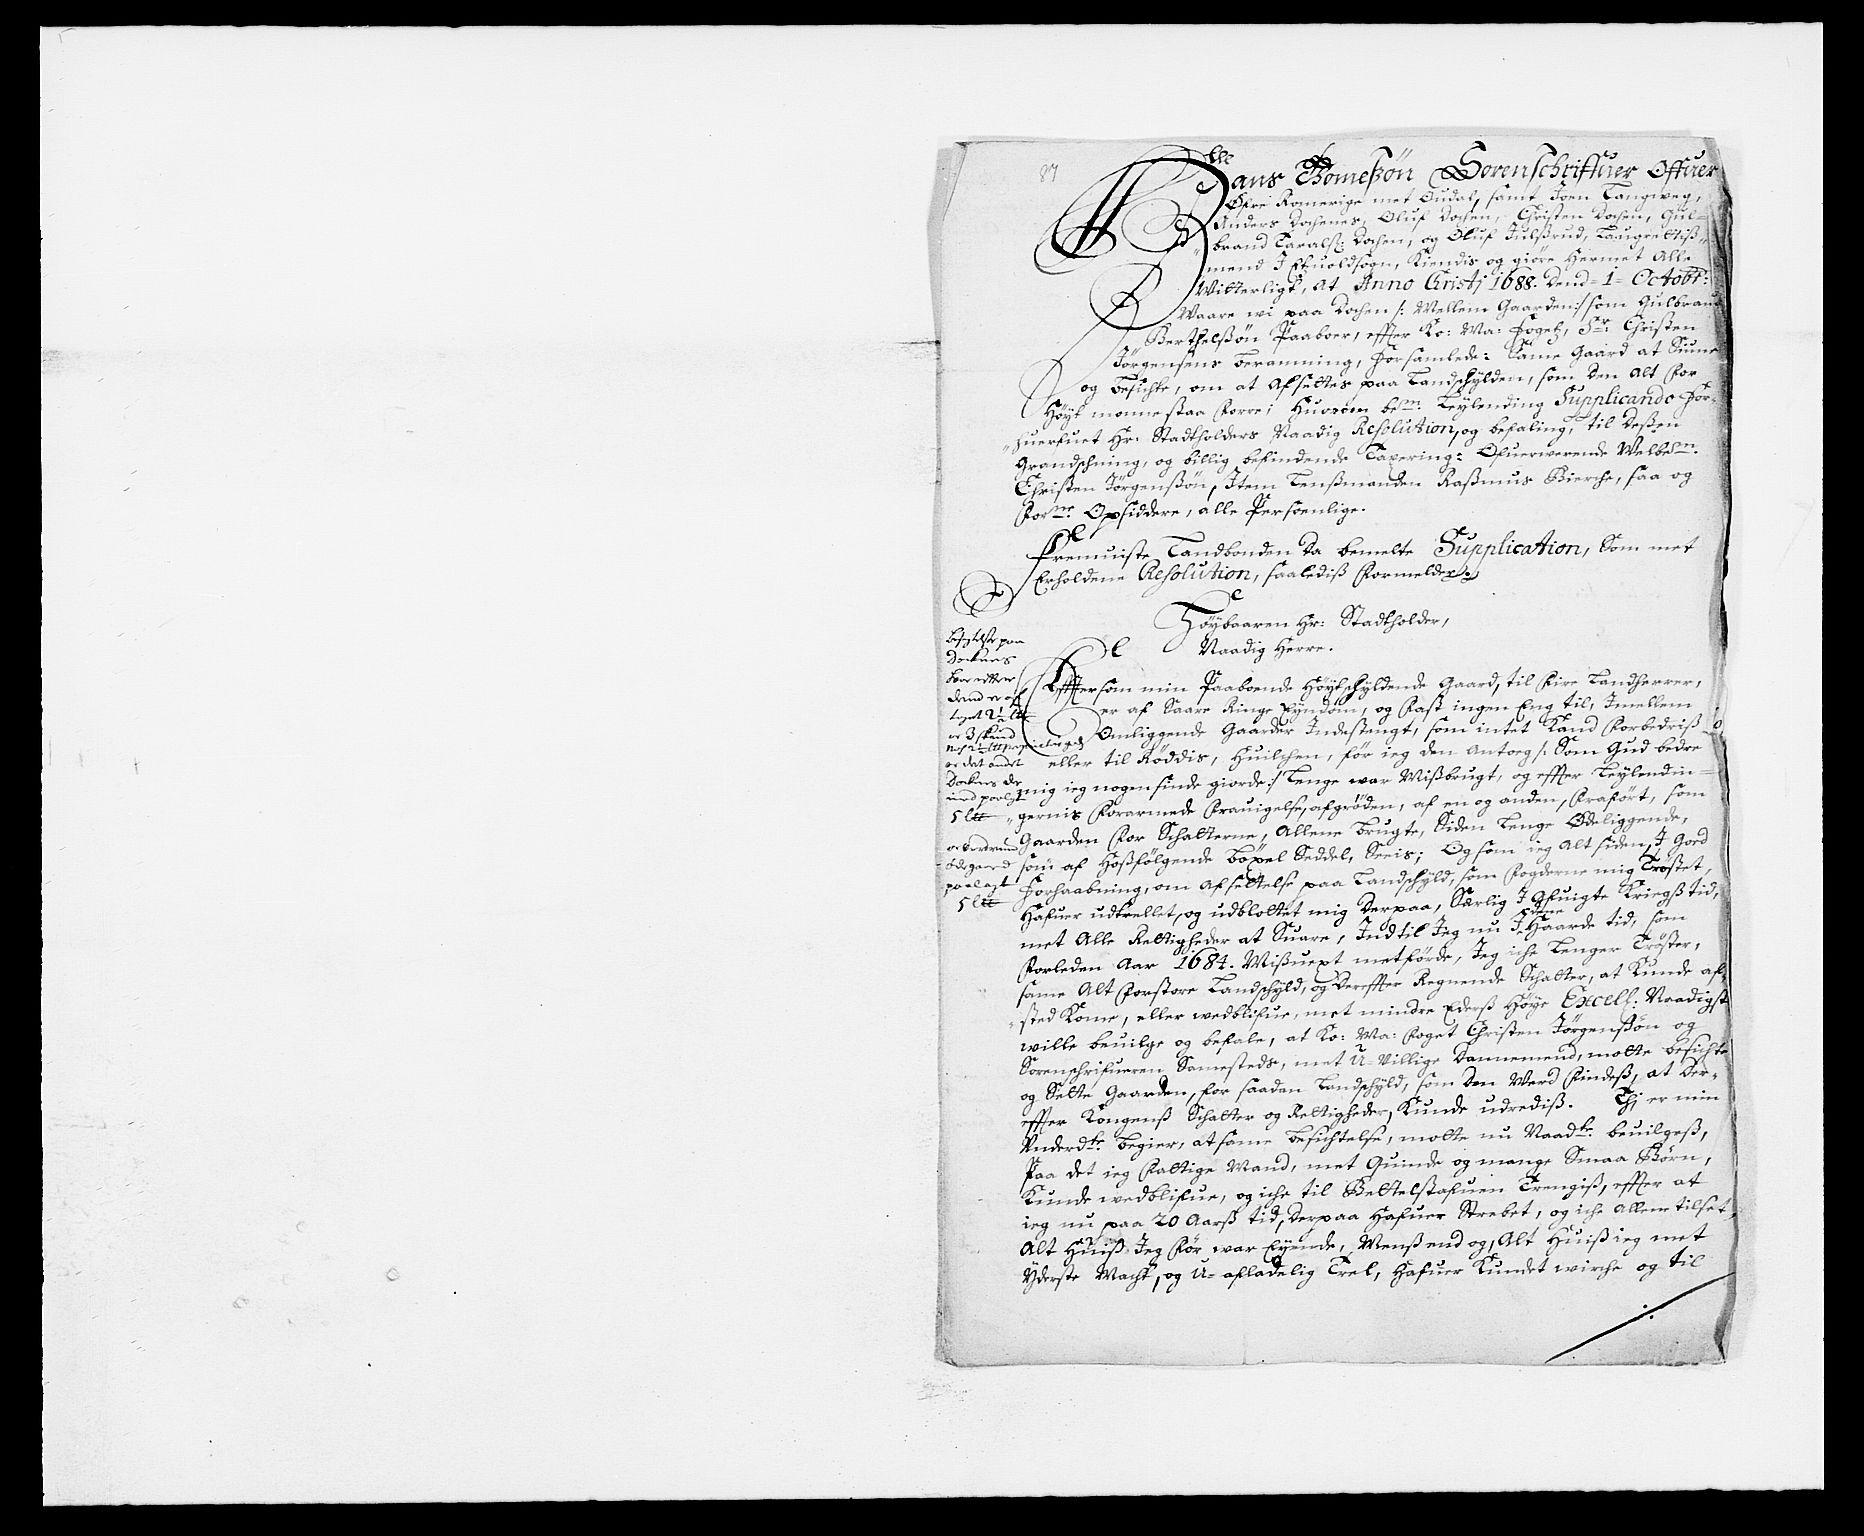 RA, Rentekammeret inntil 1814, Reviderte regnskaper, Fogderegnskap, R12/L0700: Fogderegnskap Øvre Romerike, 1687-1688, s. 259